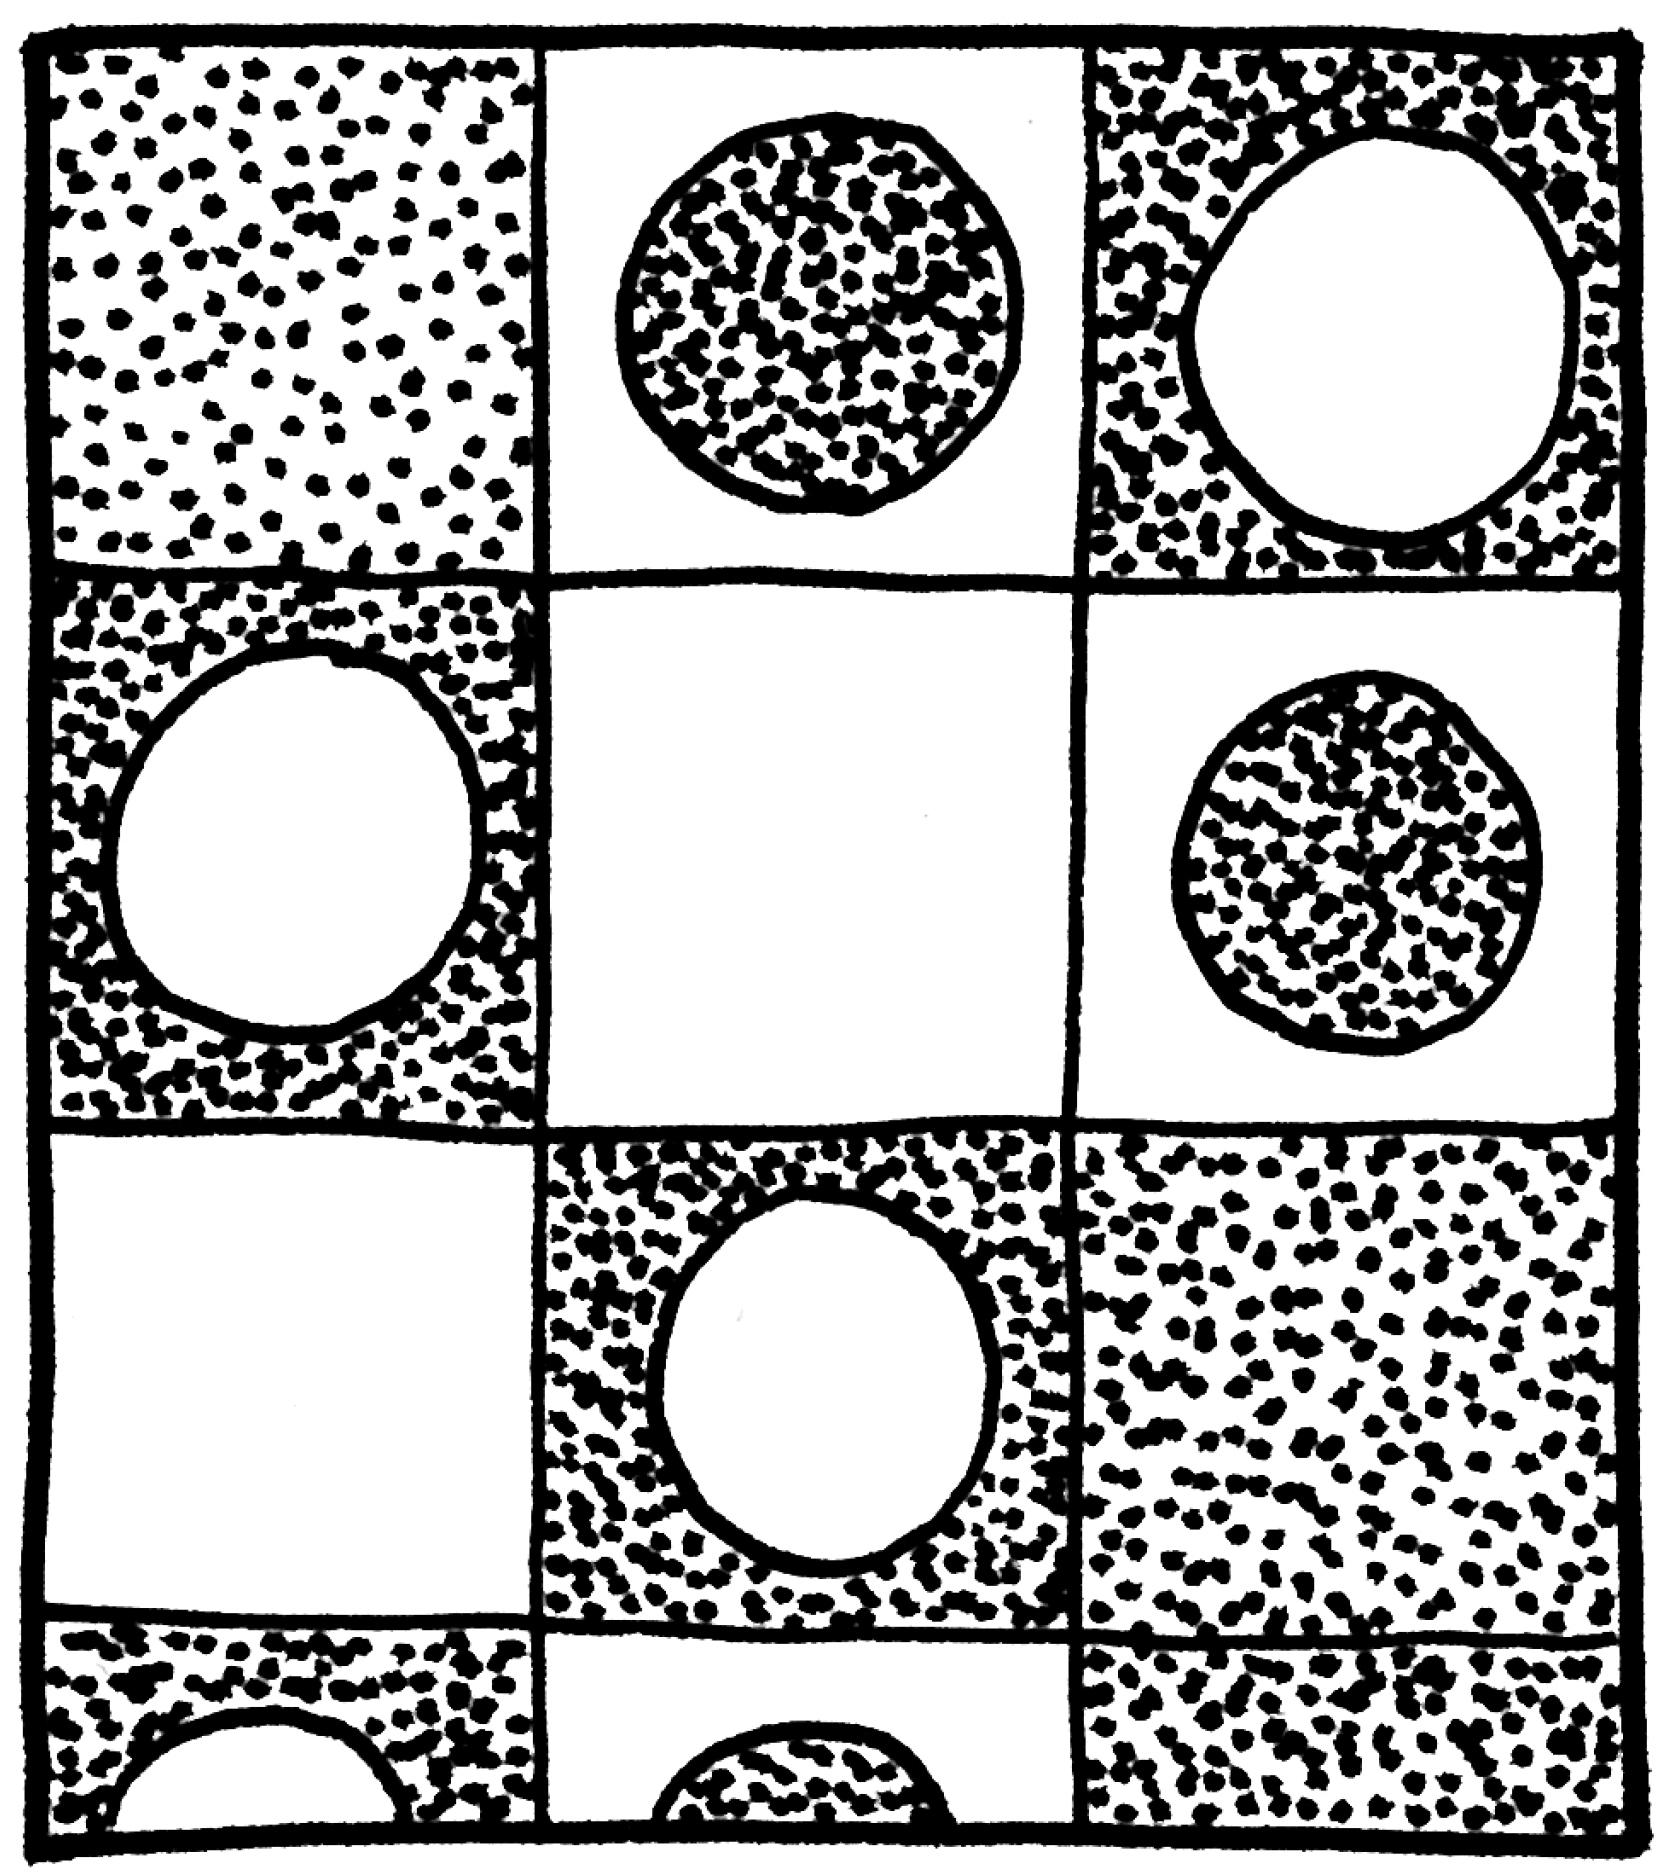 Valencia_patterns13.jpg